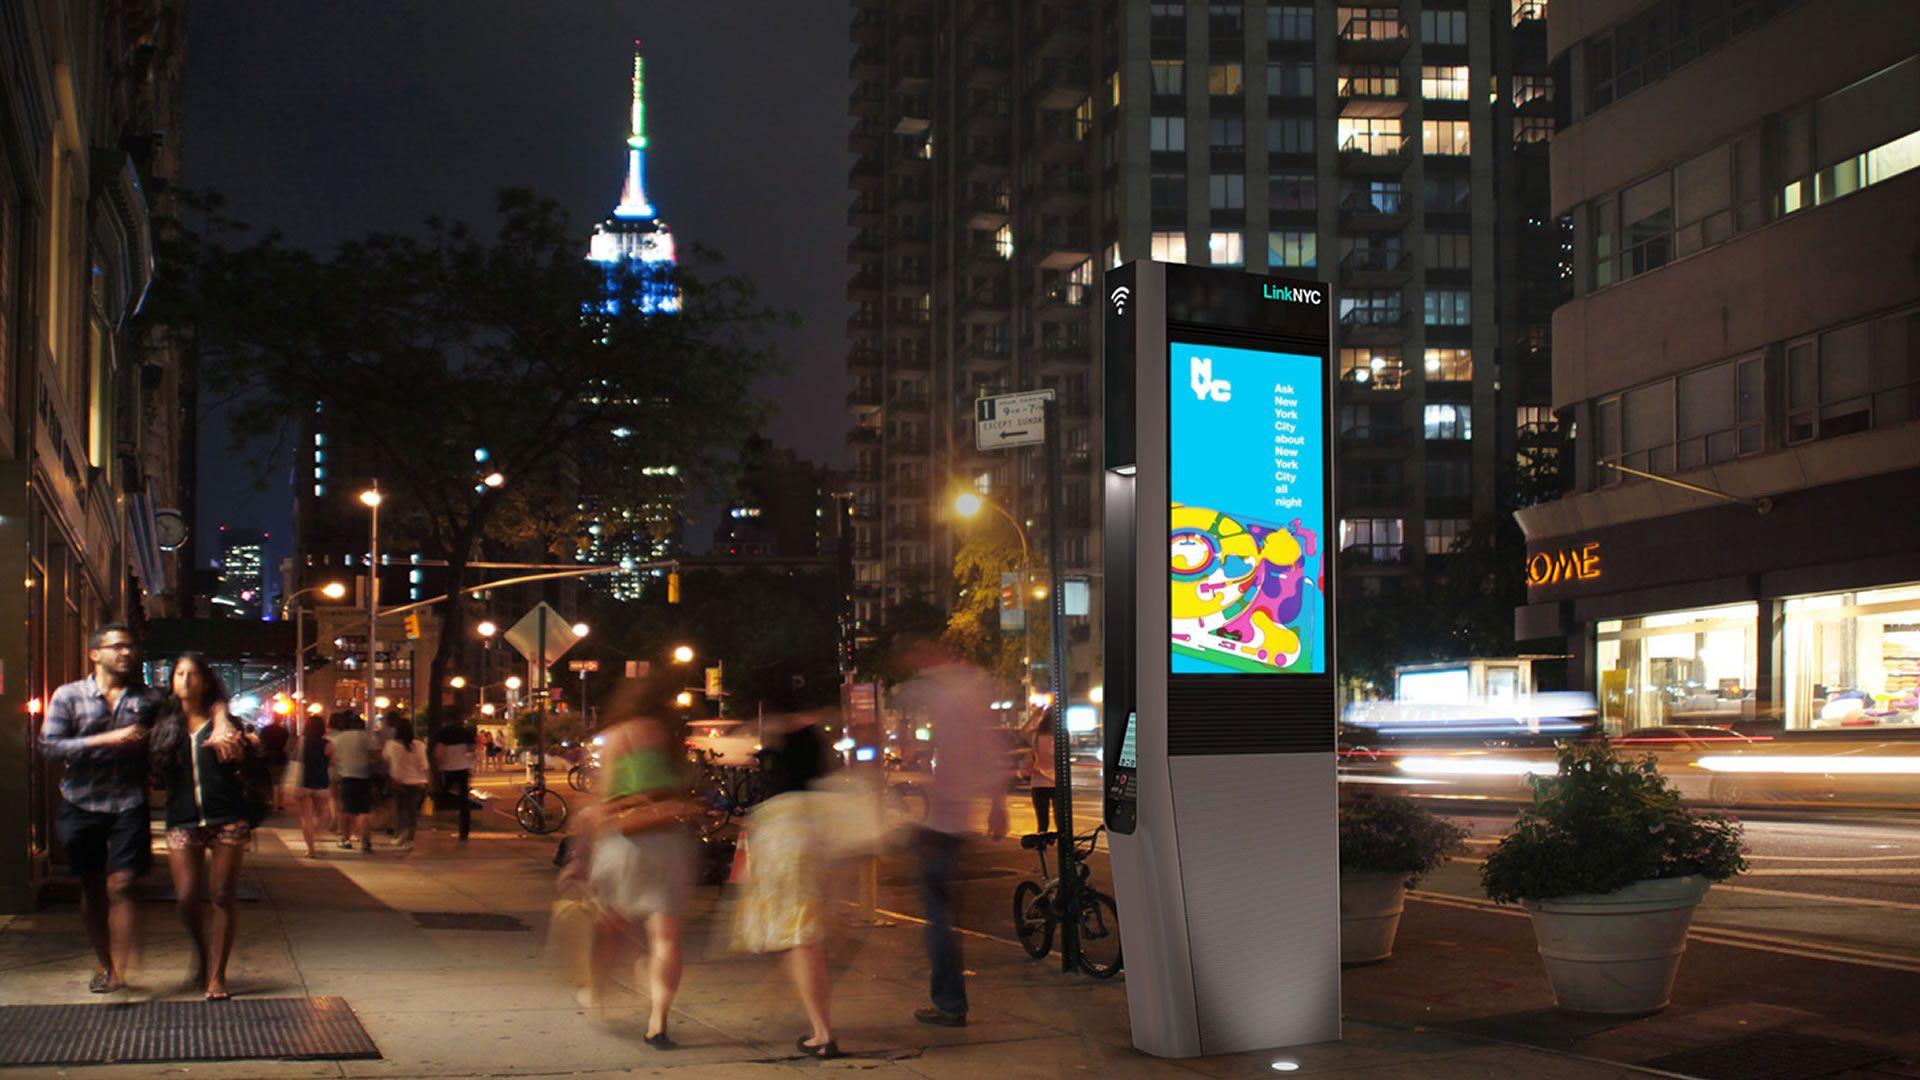 ¿Tomando bus en Nueva York? Las pantallas nos darán toda la información